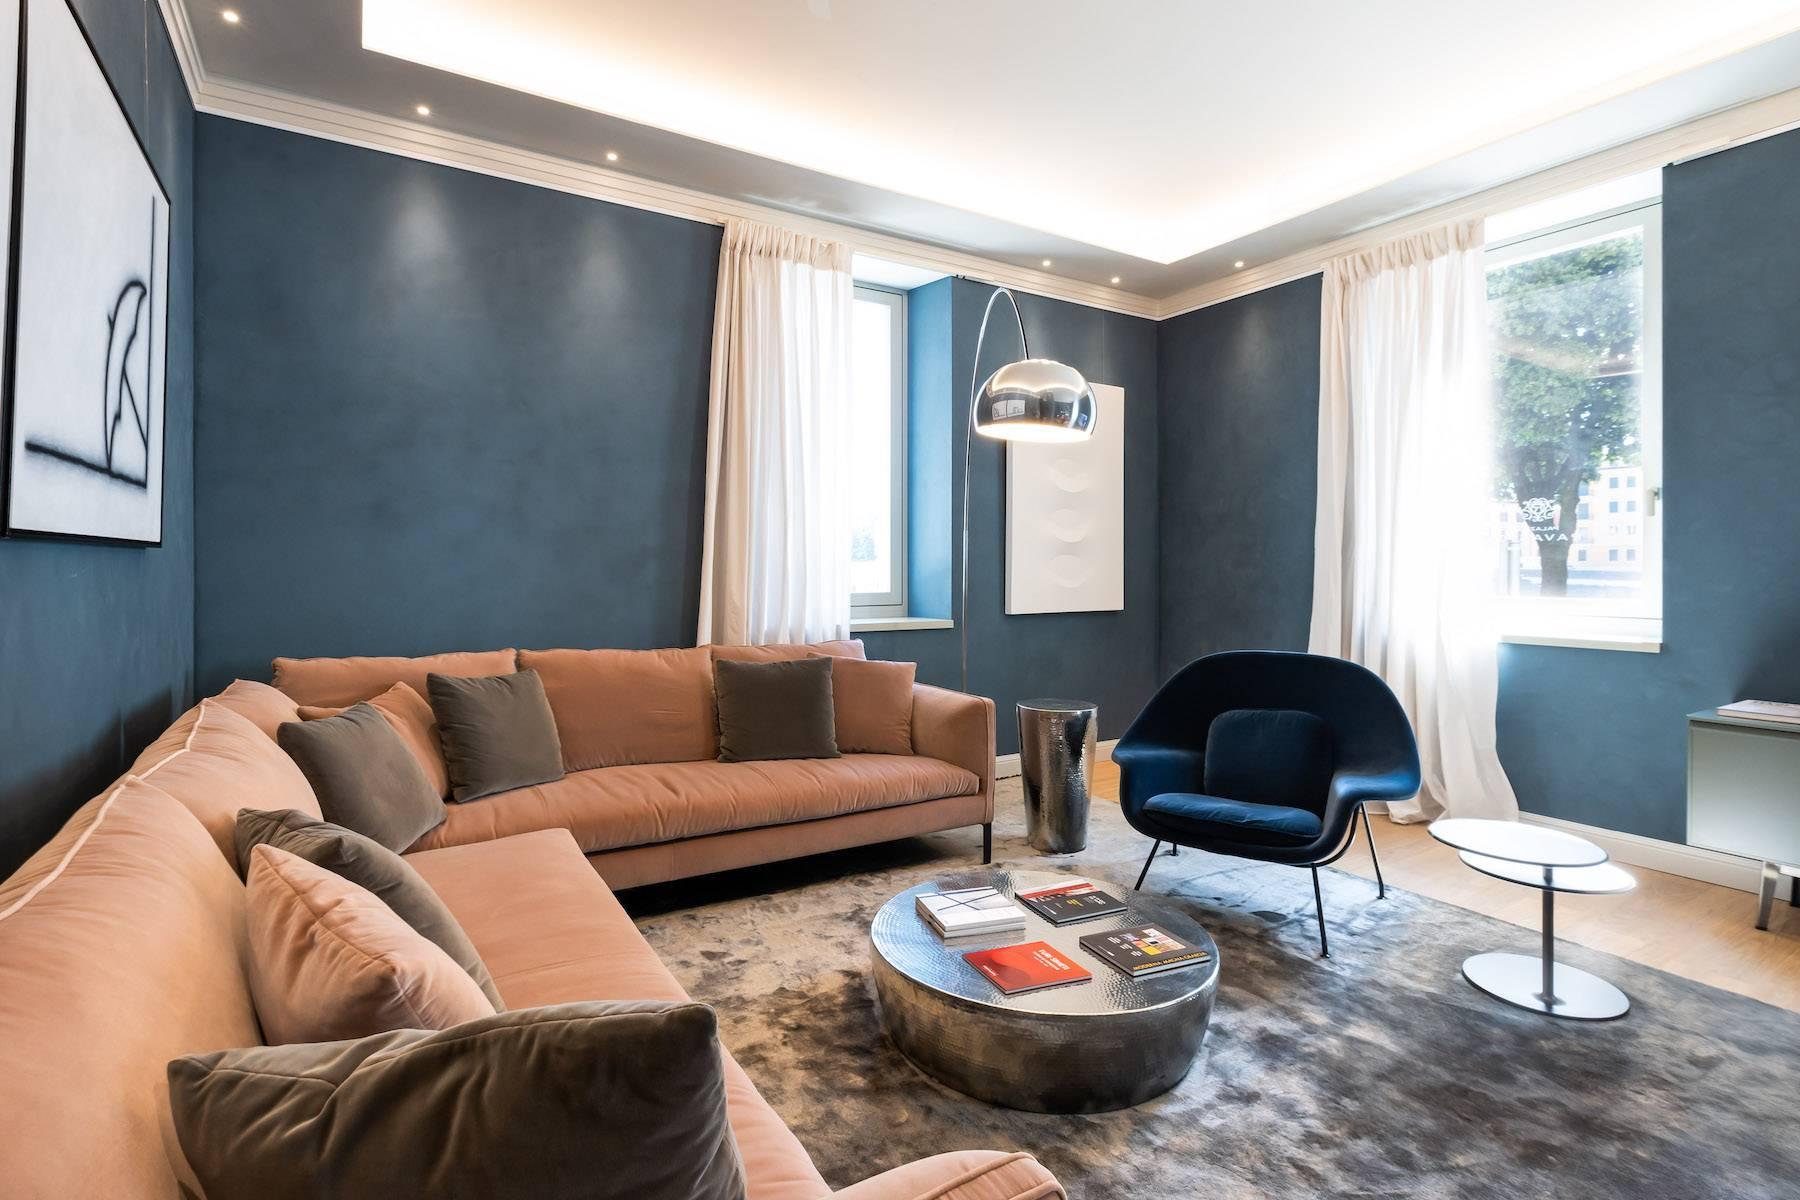 Herrliche Wohnung in einem eleganten historischen Gebäude mit Blick auf den Adige - 4